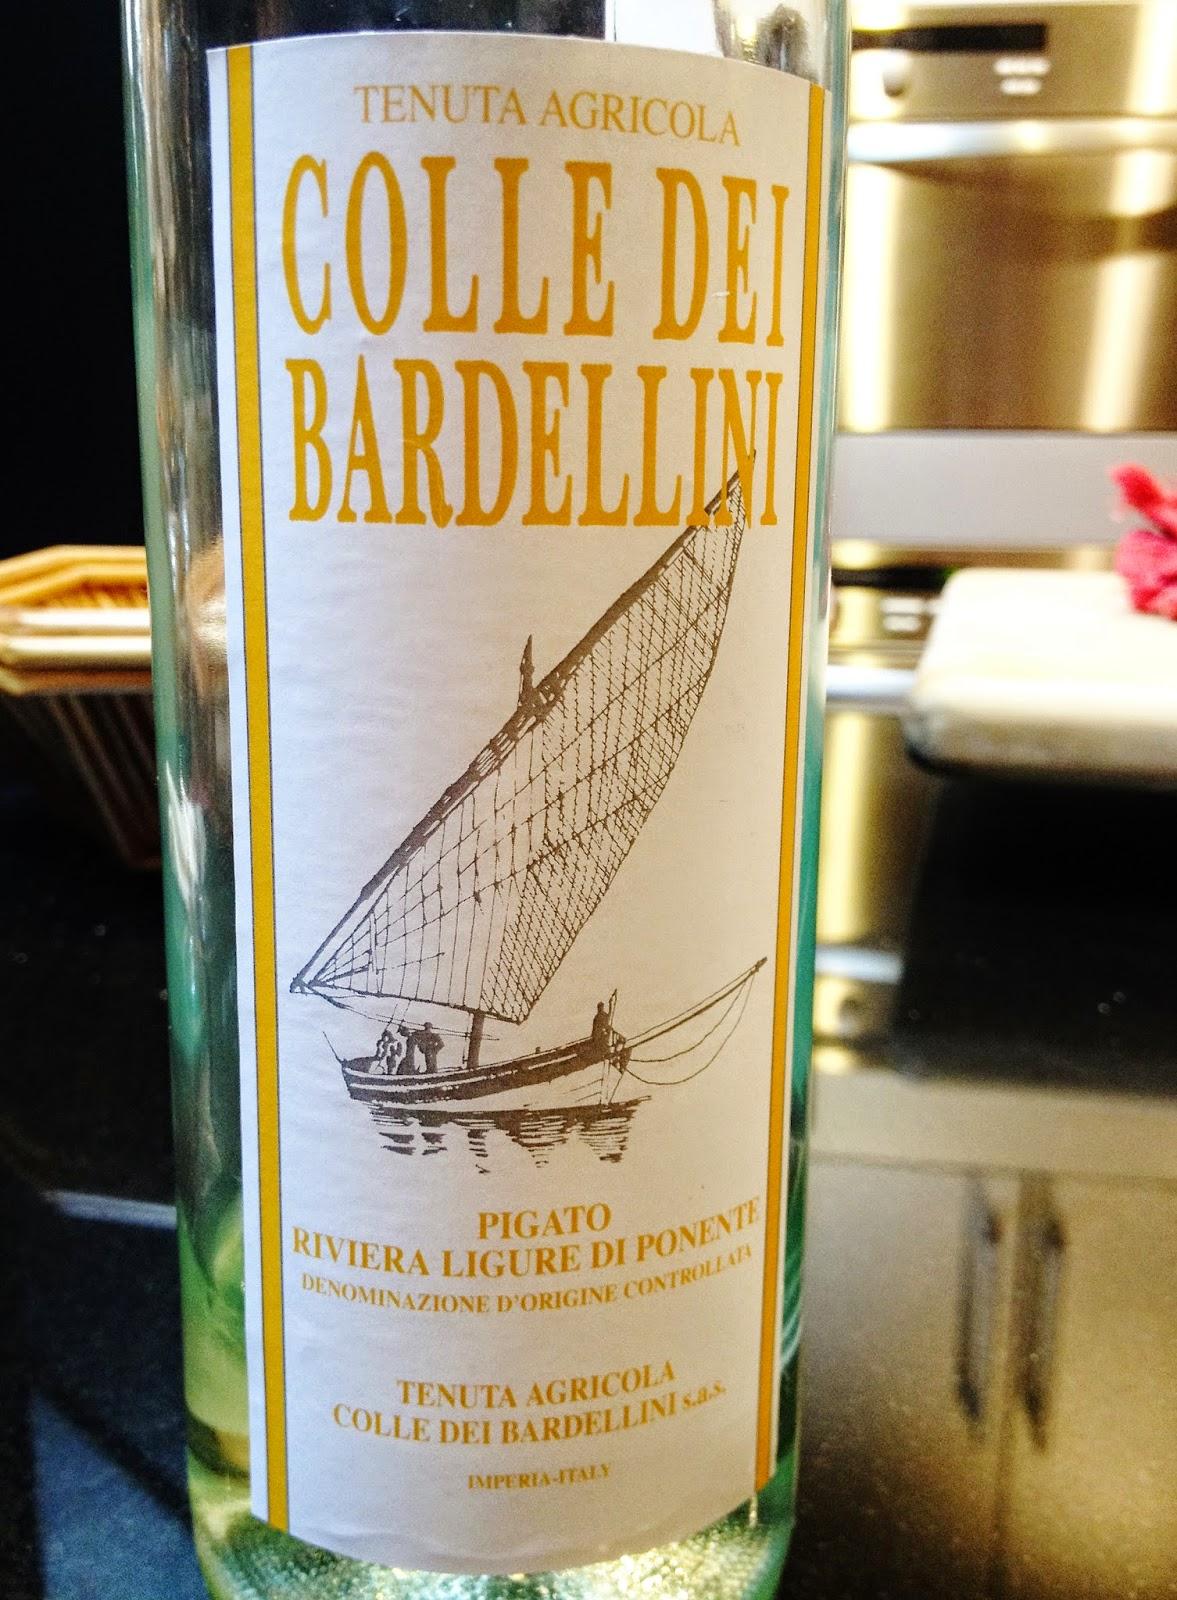 2013 Tenuta Agricola Colle dei Bardellini Pigato